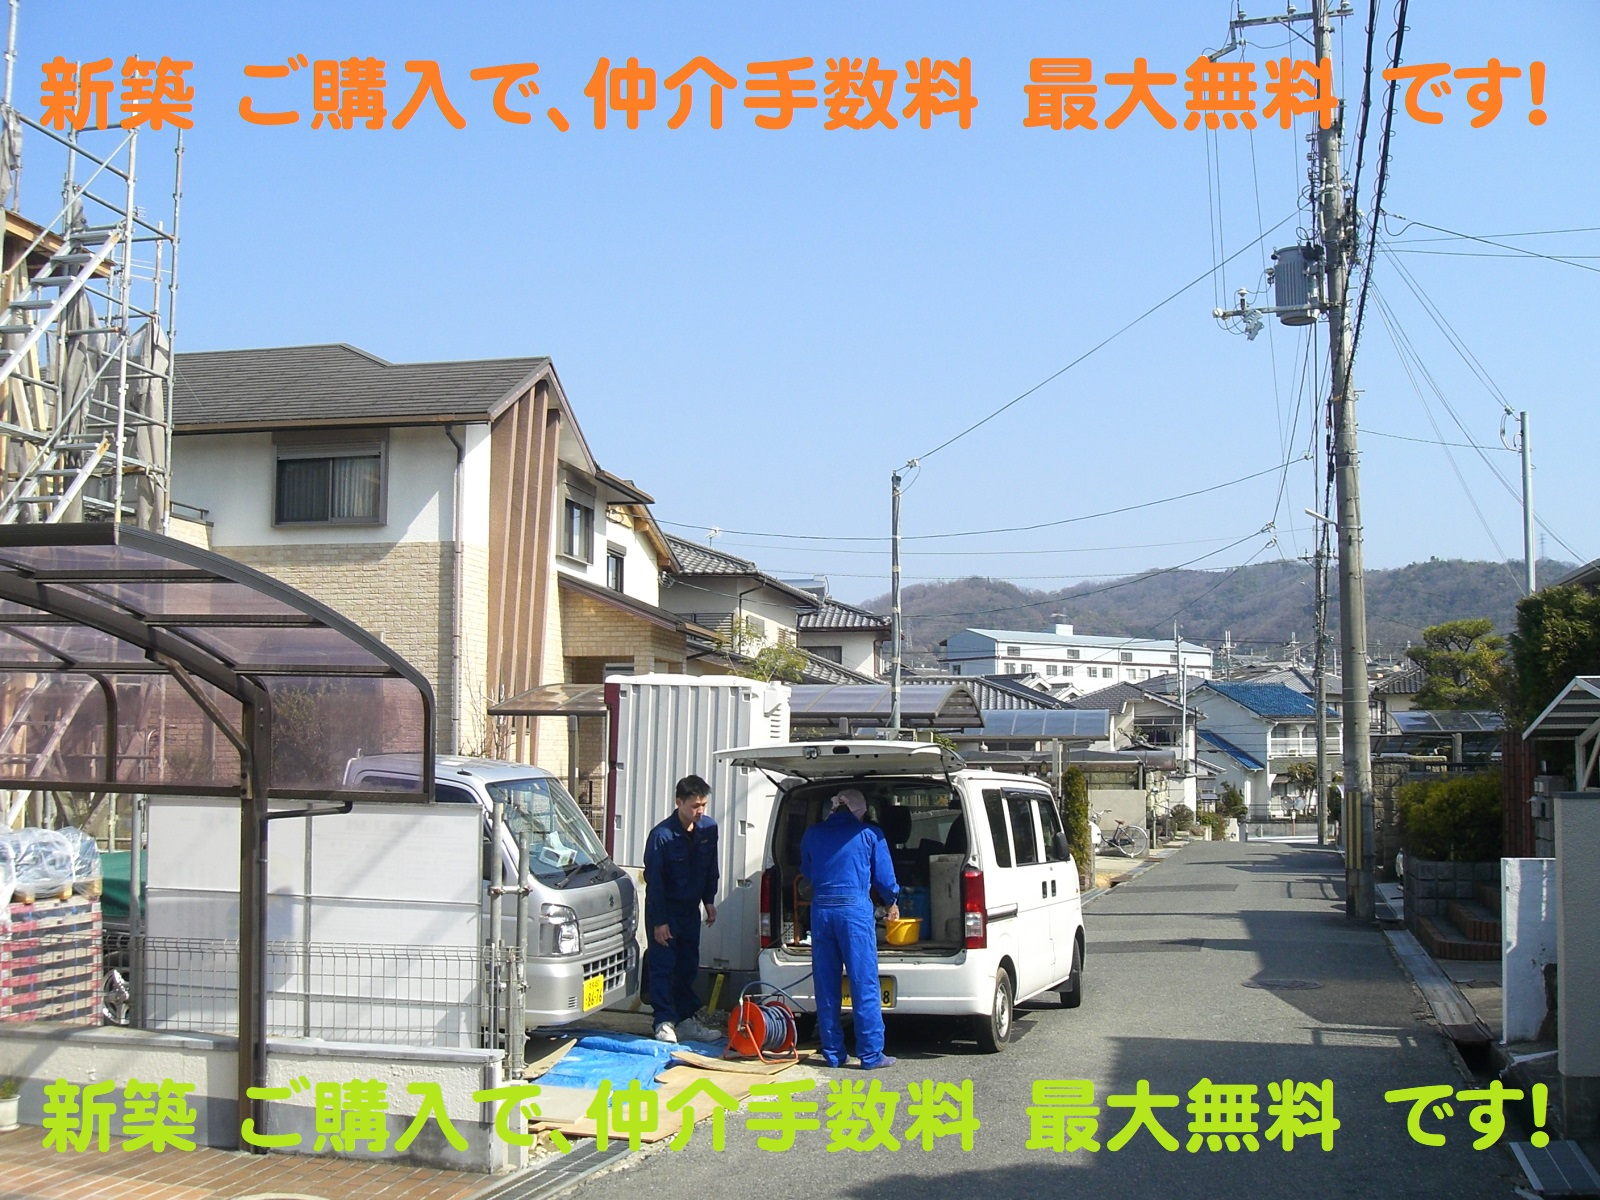 奈良県 新築 ビート住建 三郷町 三室 お買い得 仲介手数料 最大無料